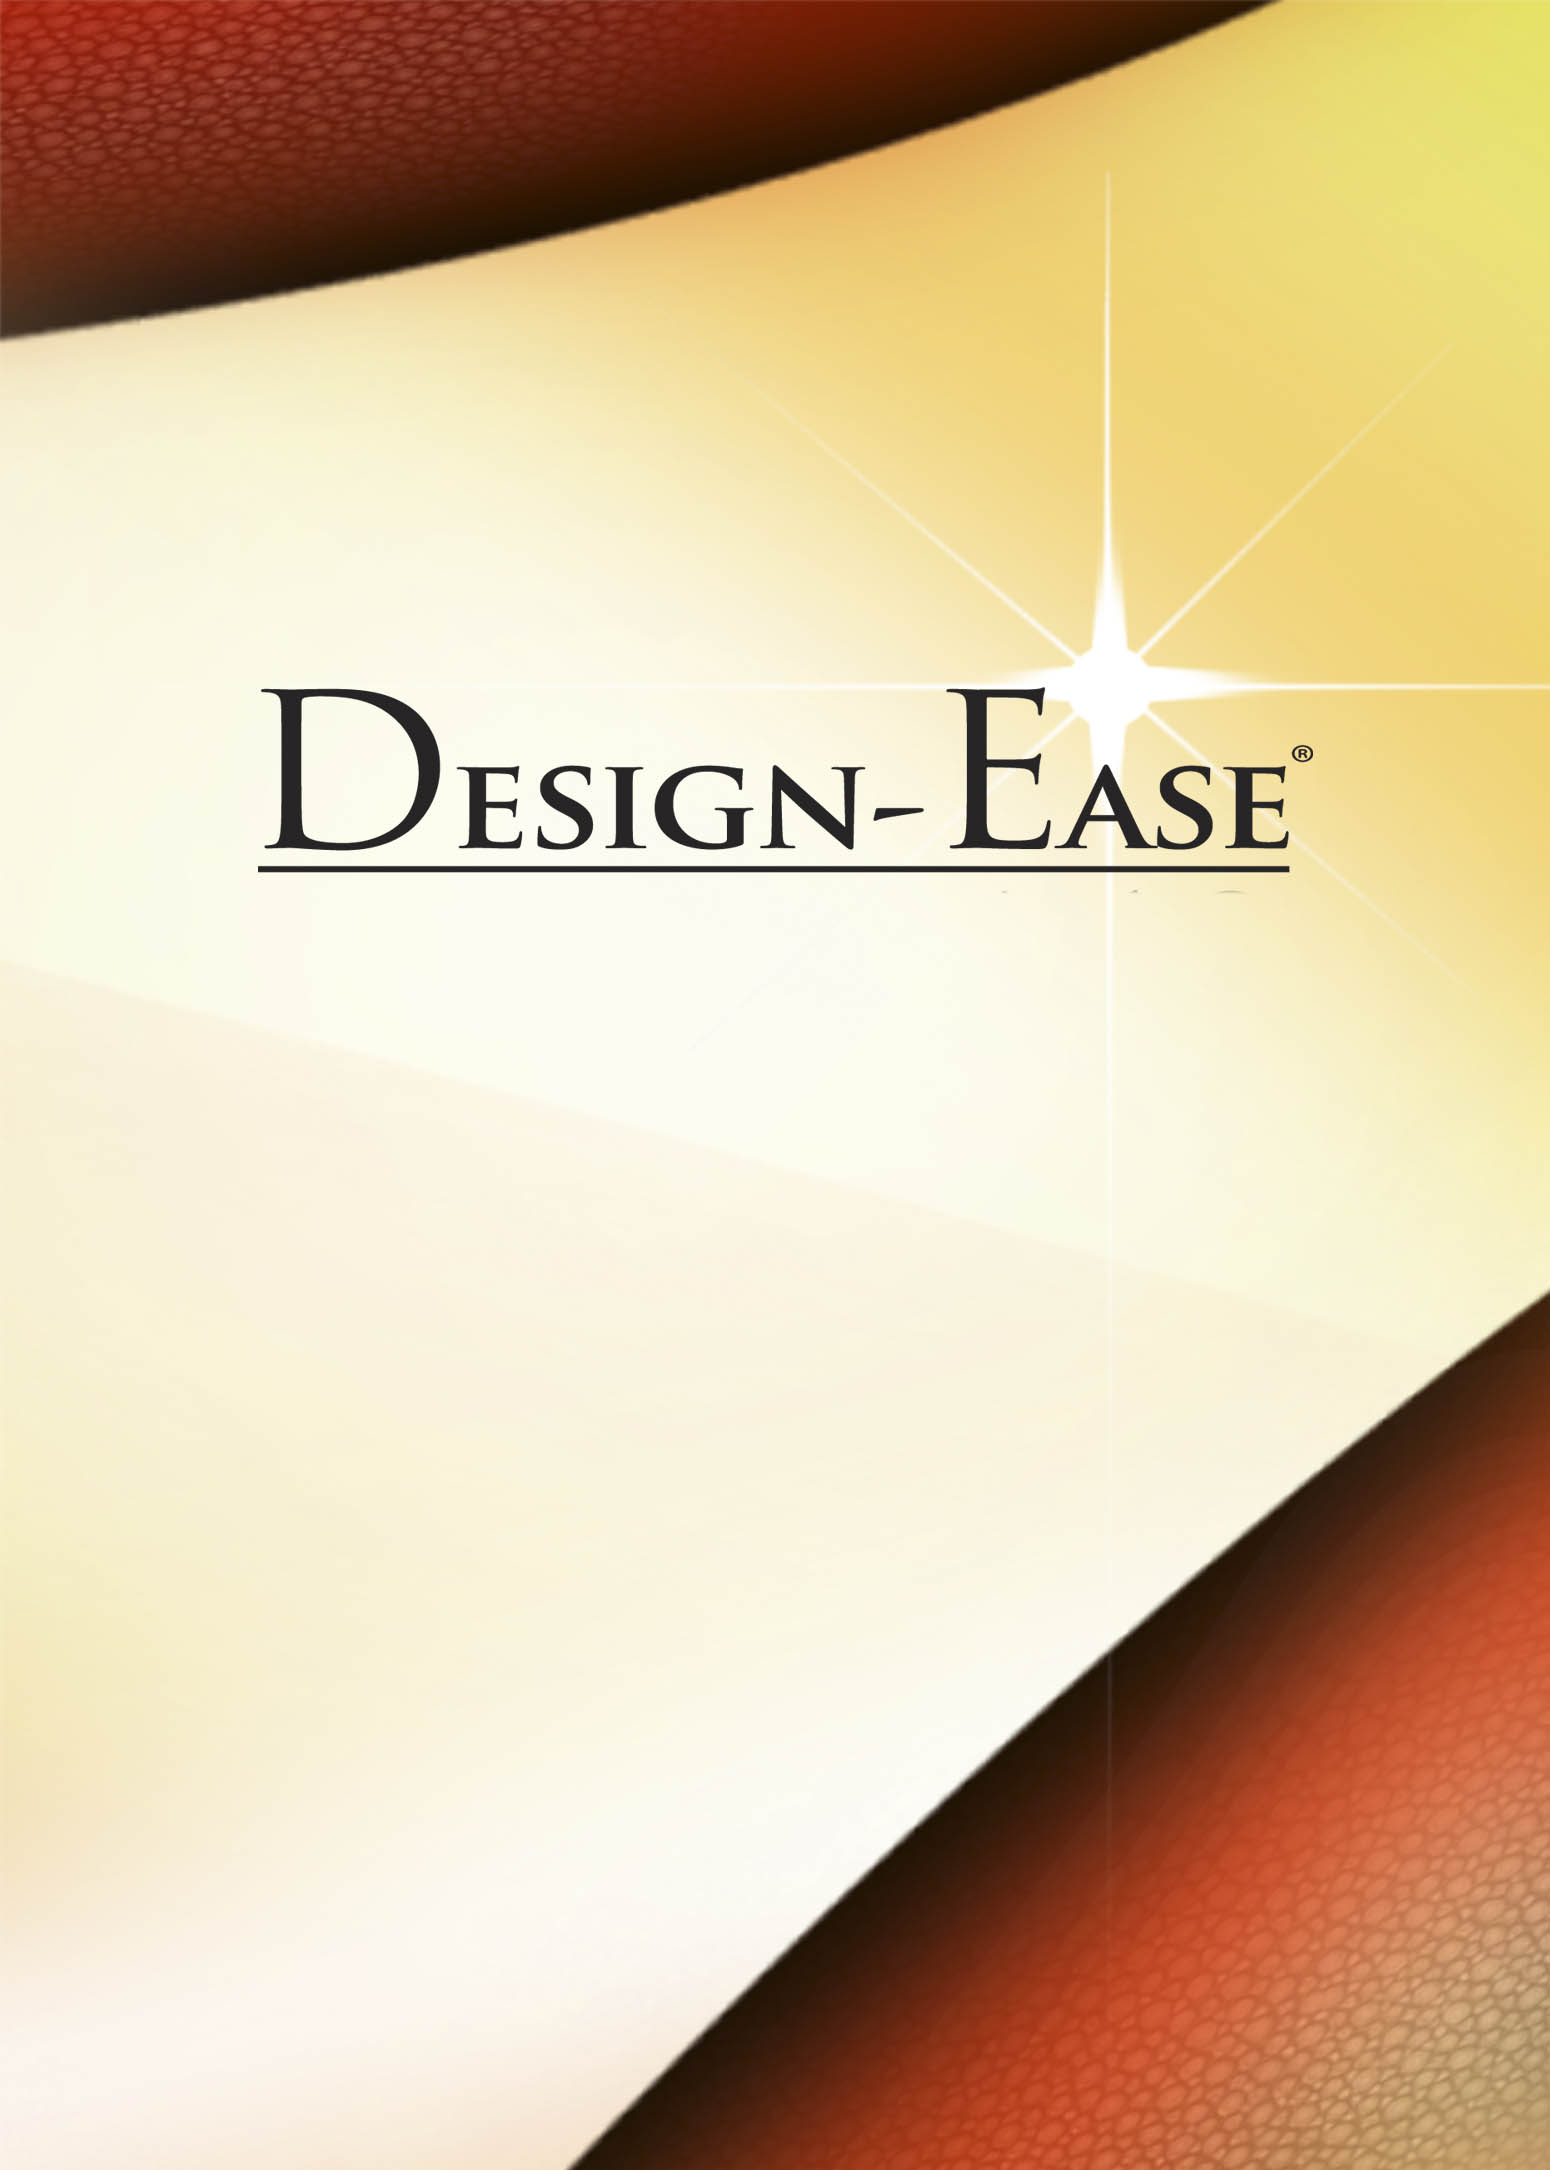 Design Ease